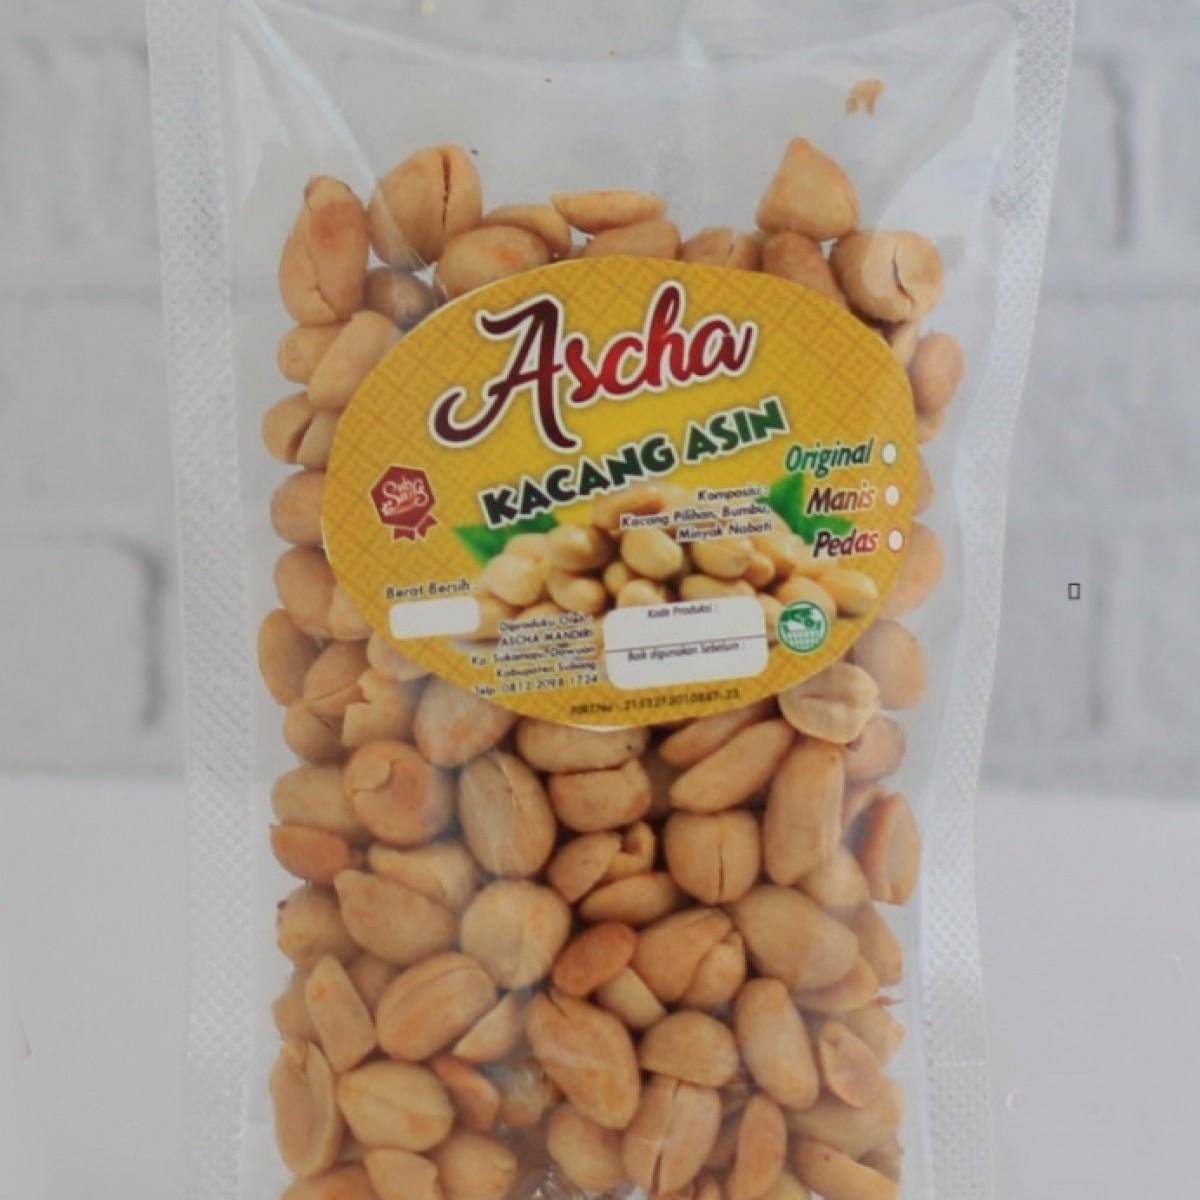 Kacang Asin Ascha